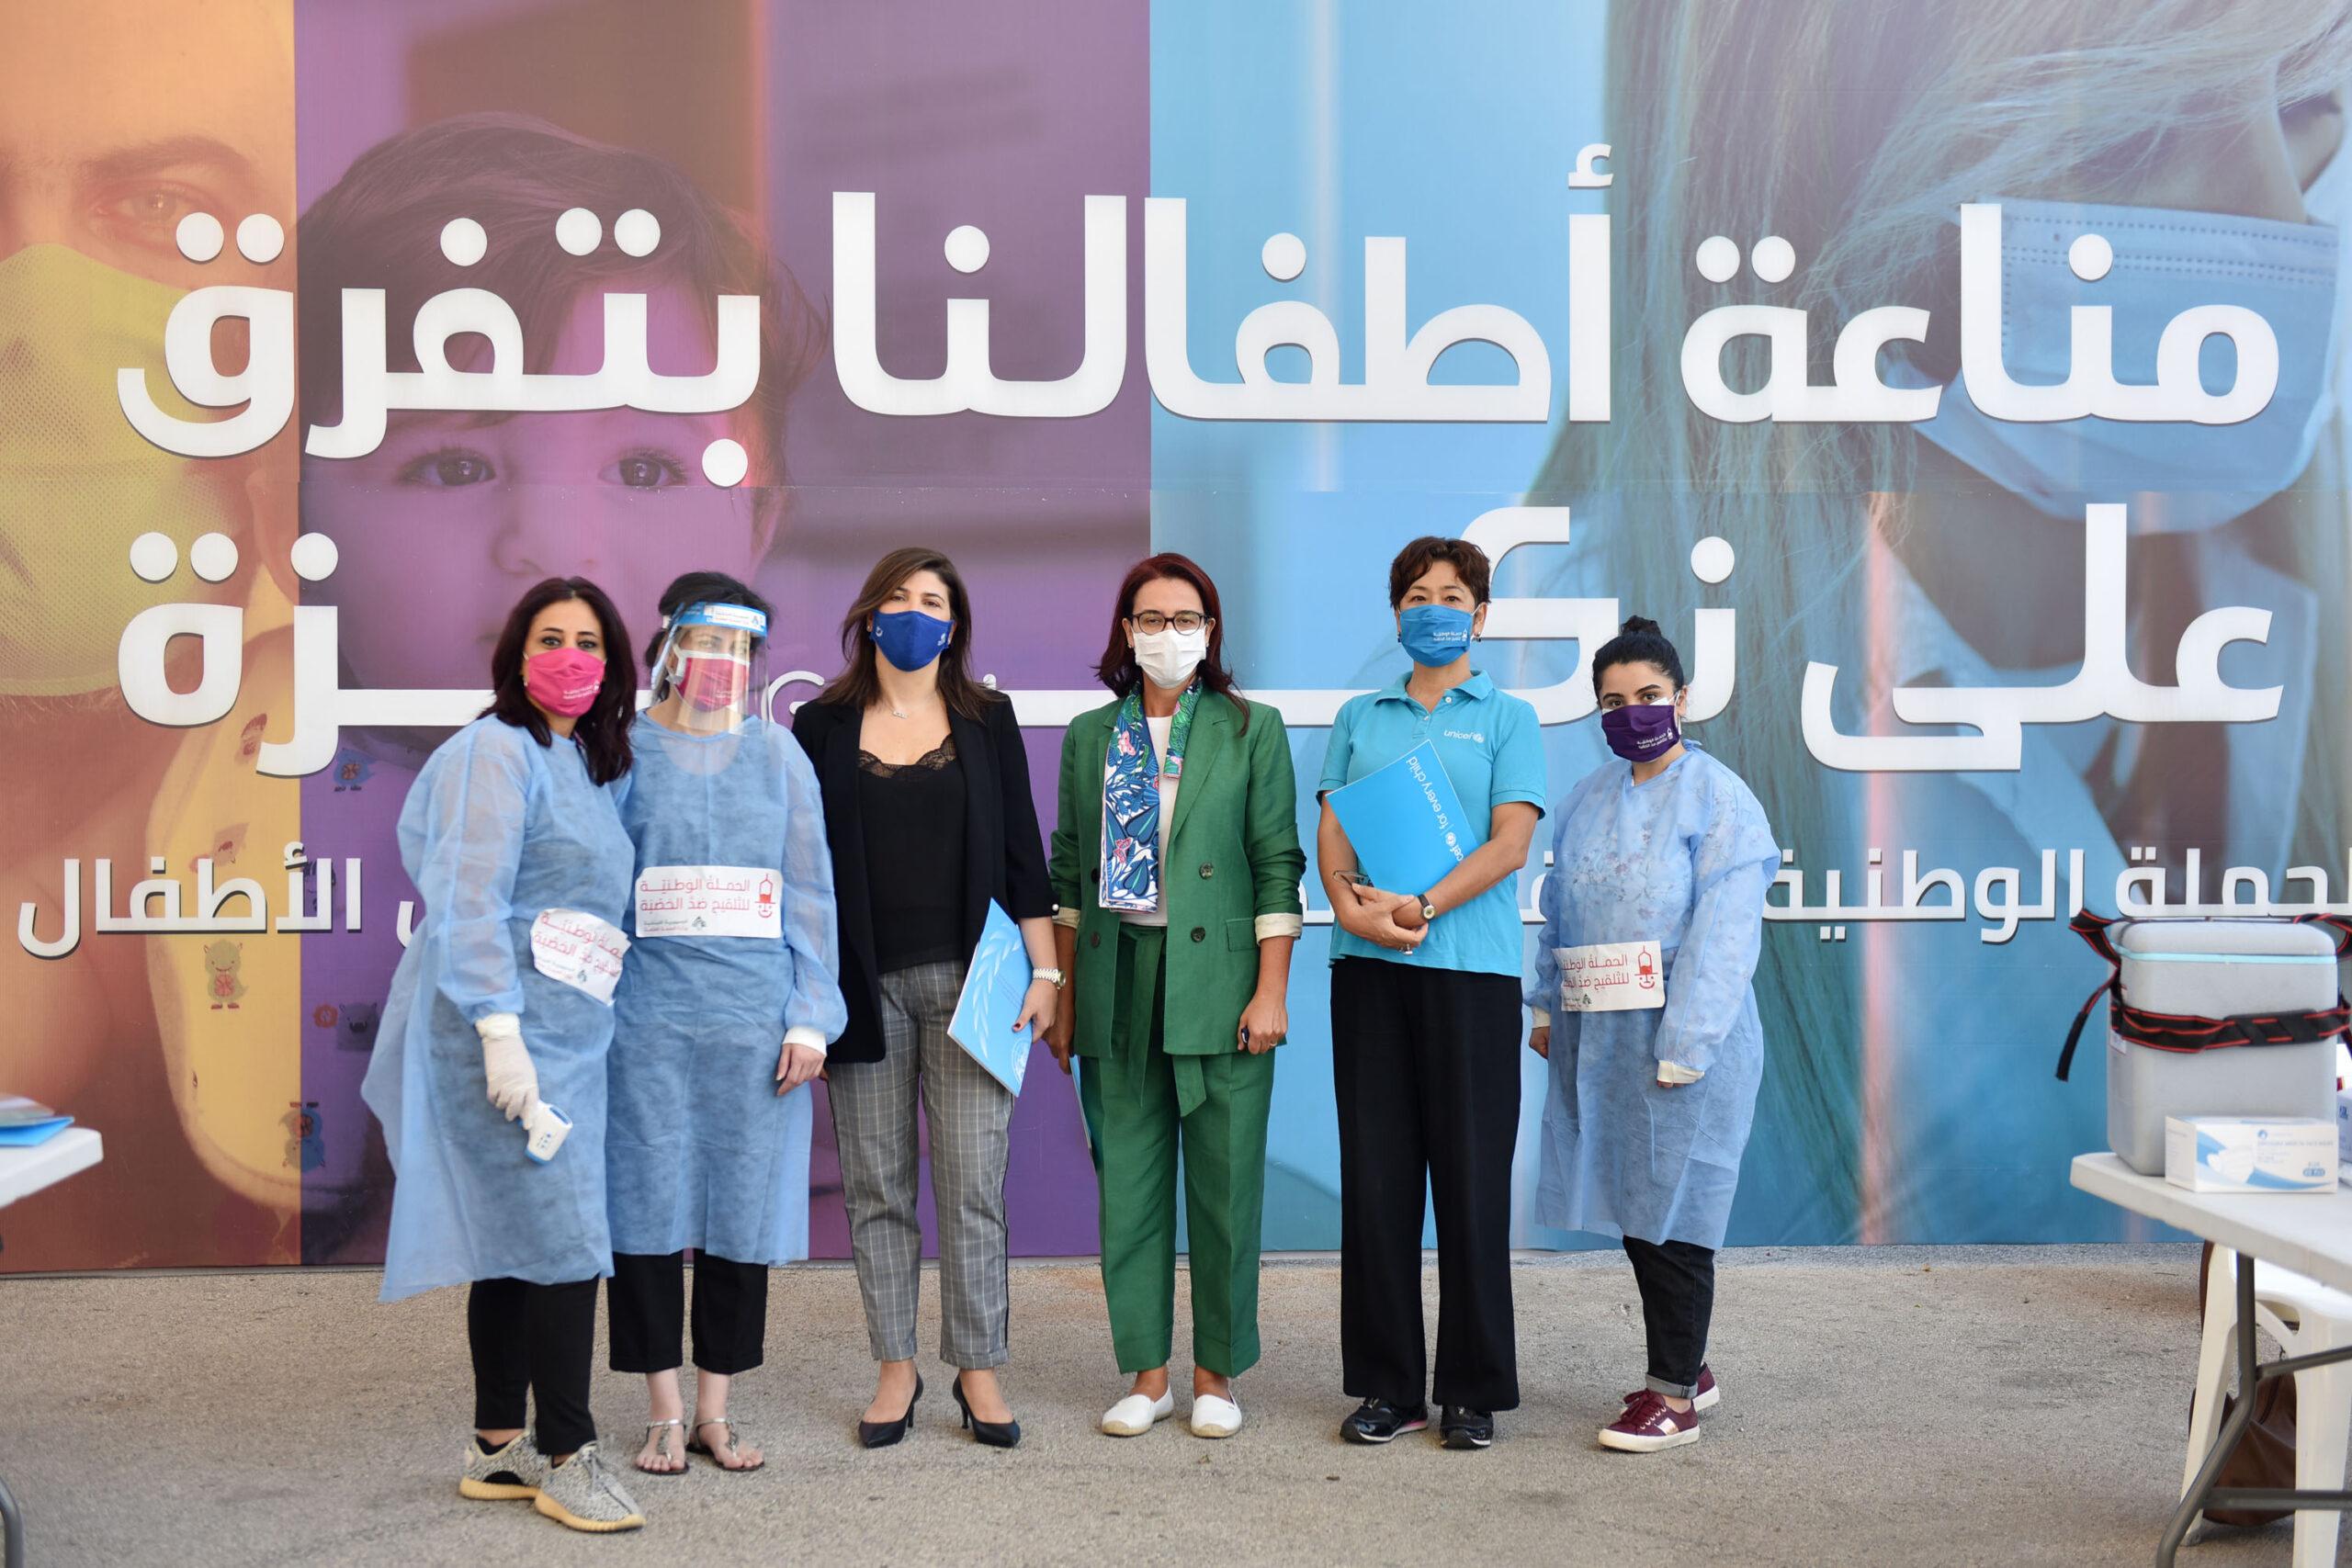 إطلاق المرحلة الثانية من الحملة الوطنية للتلقيح ضدّ الحصبة وشلل الأطفال رغم صعوبات فيروس كورونا